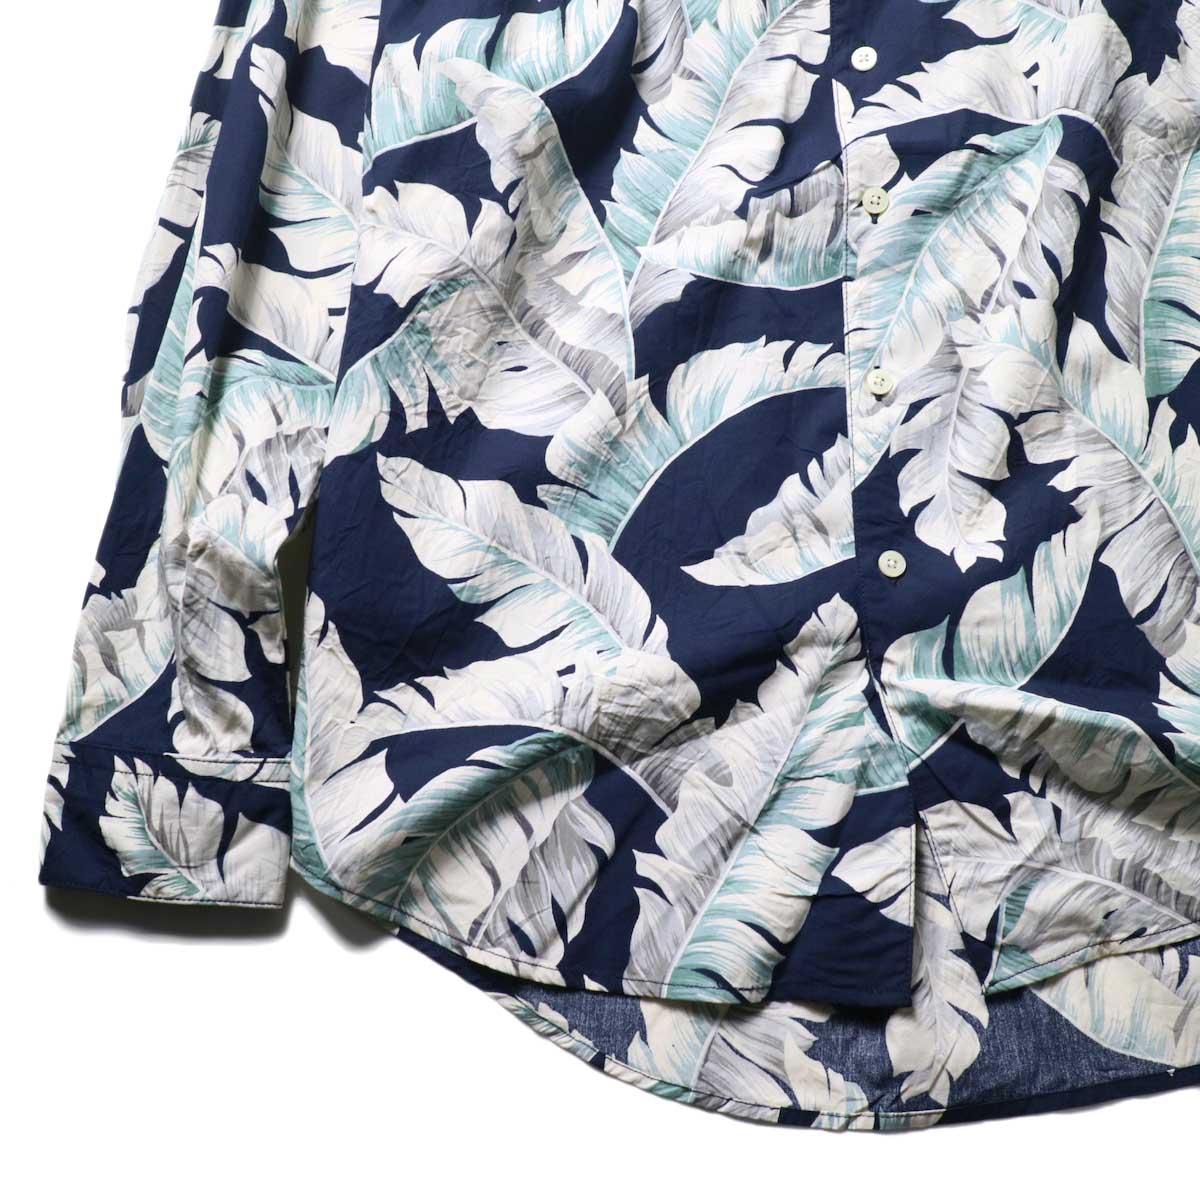 AiE / Painter Shirt - Hawaiian Print (navy)袖、裾